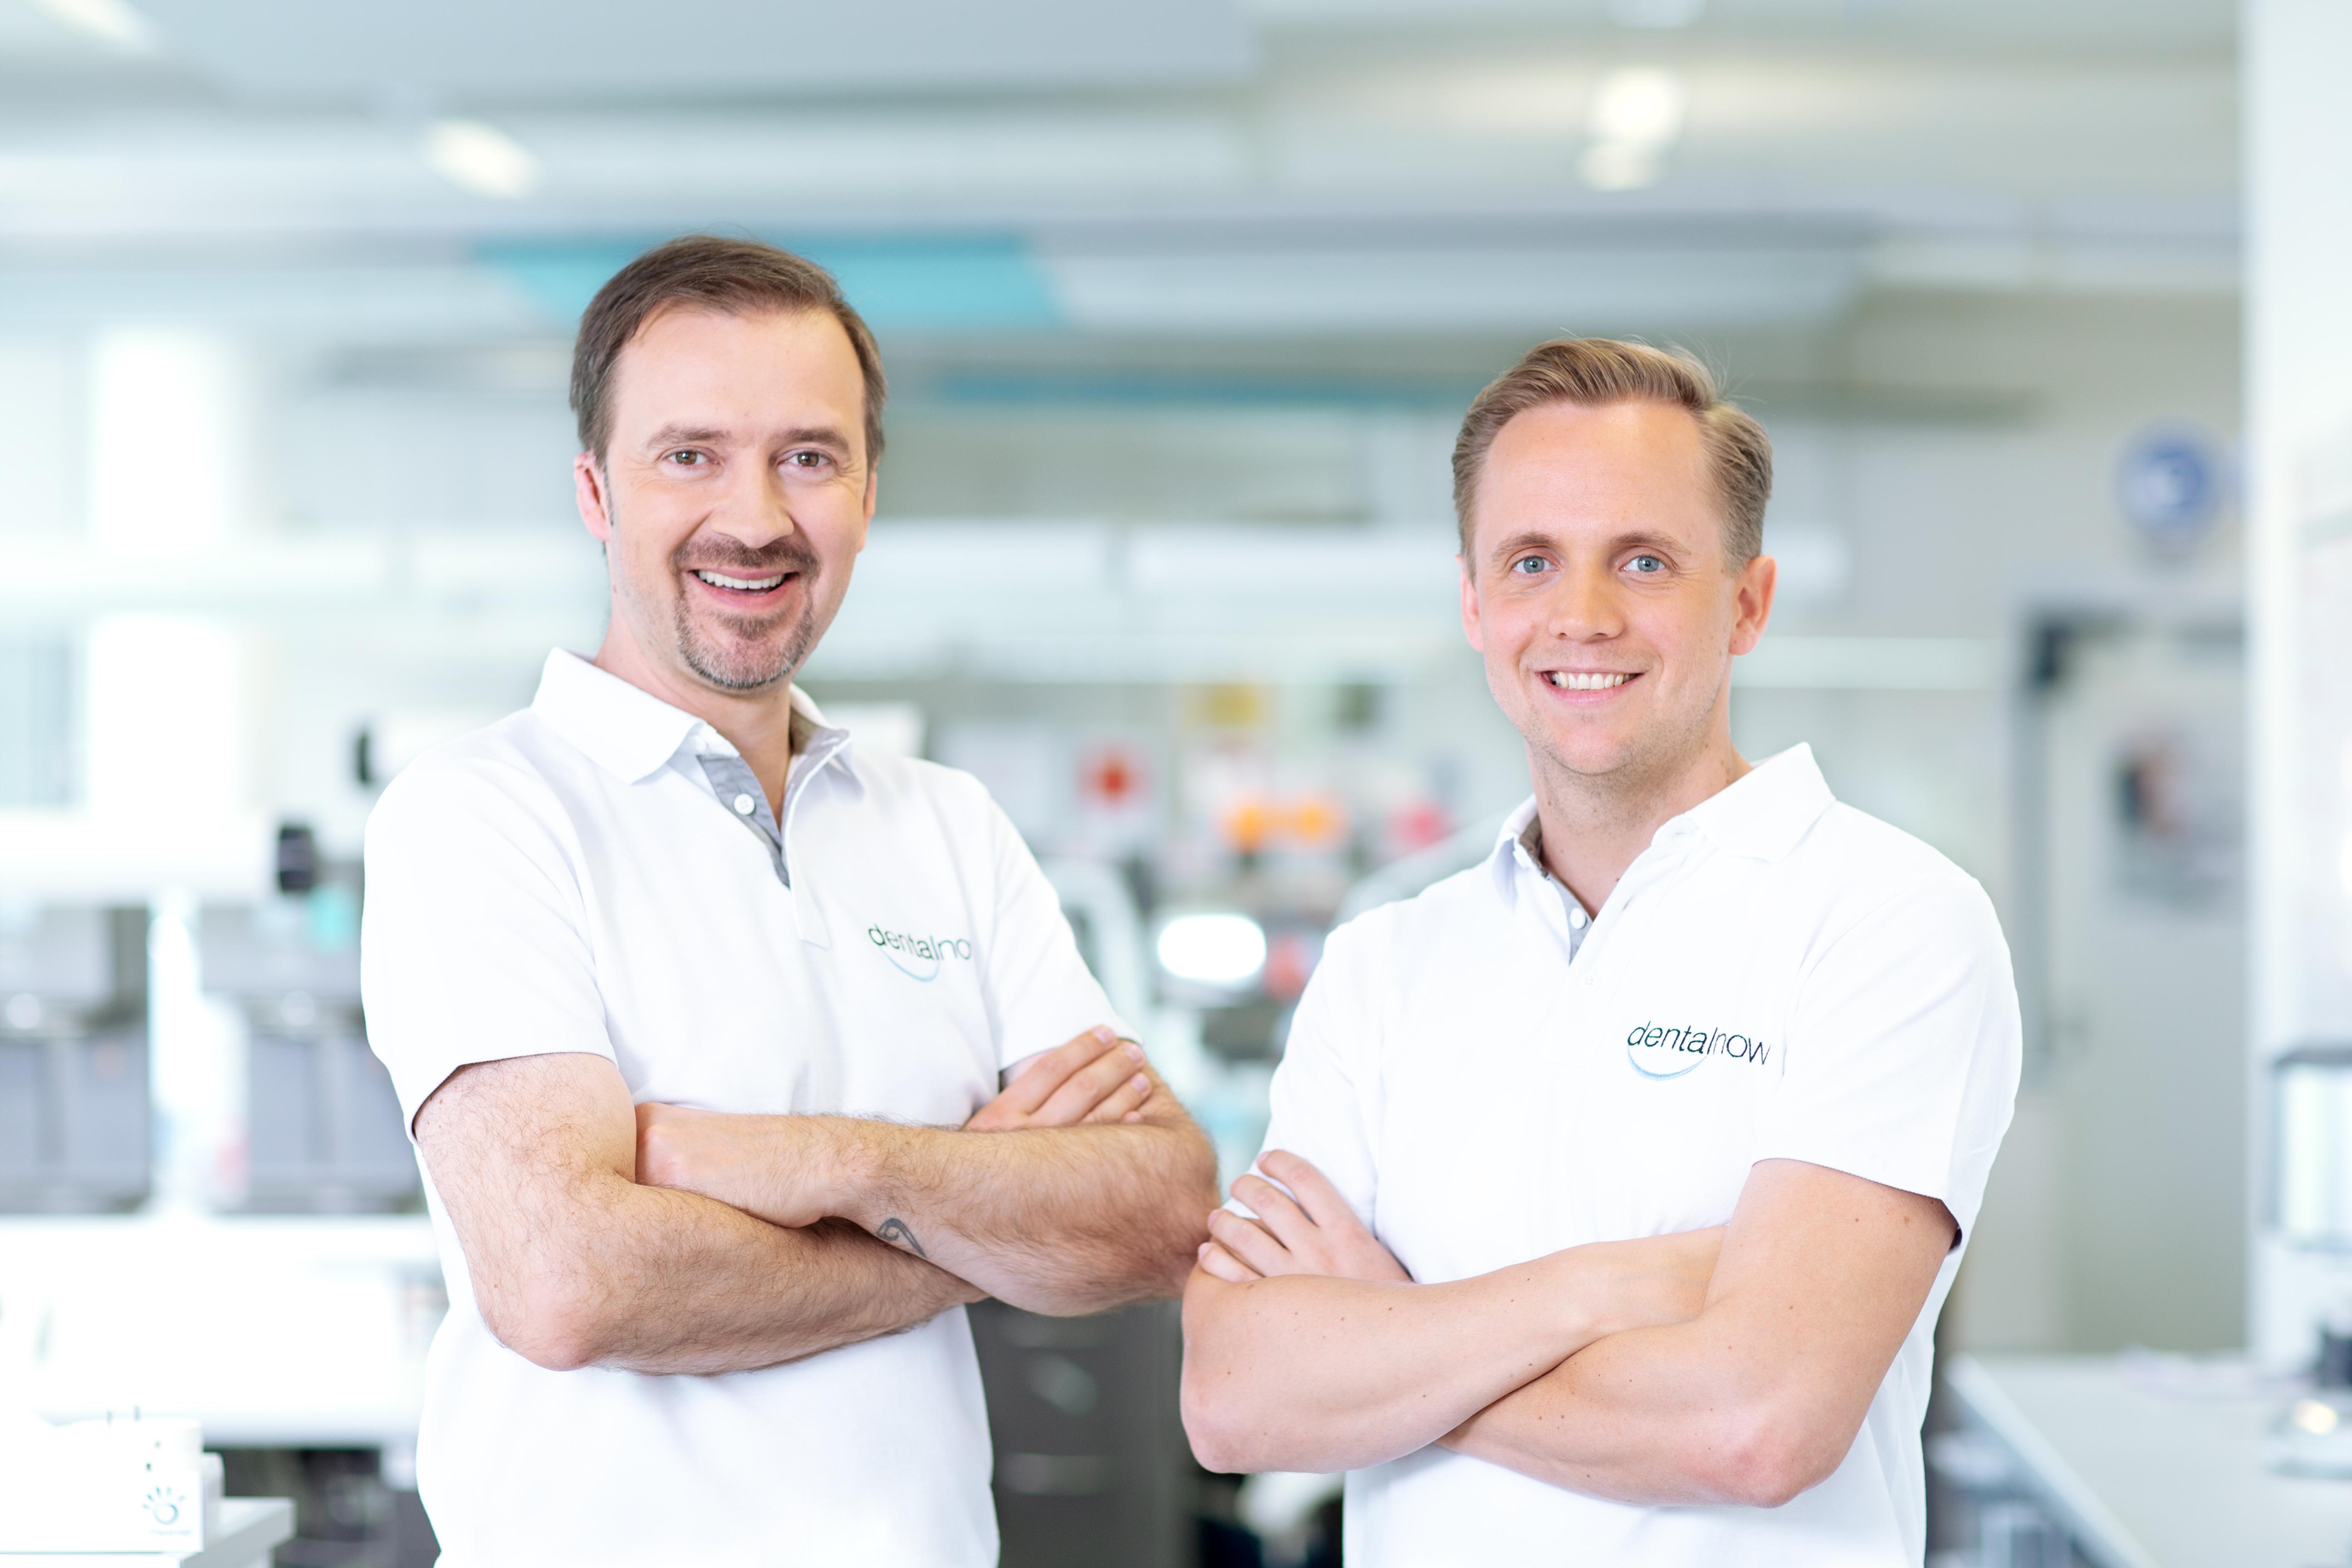 Gründer und Geschäftsführende Gesellschafter der dentalnow GmbH: Zahntechniker Emilian Bogdan (links) und Zahntechnikermeister Andreas Berger